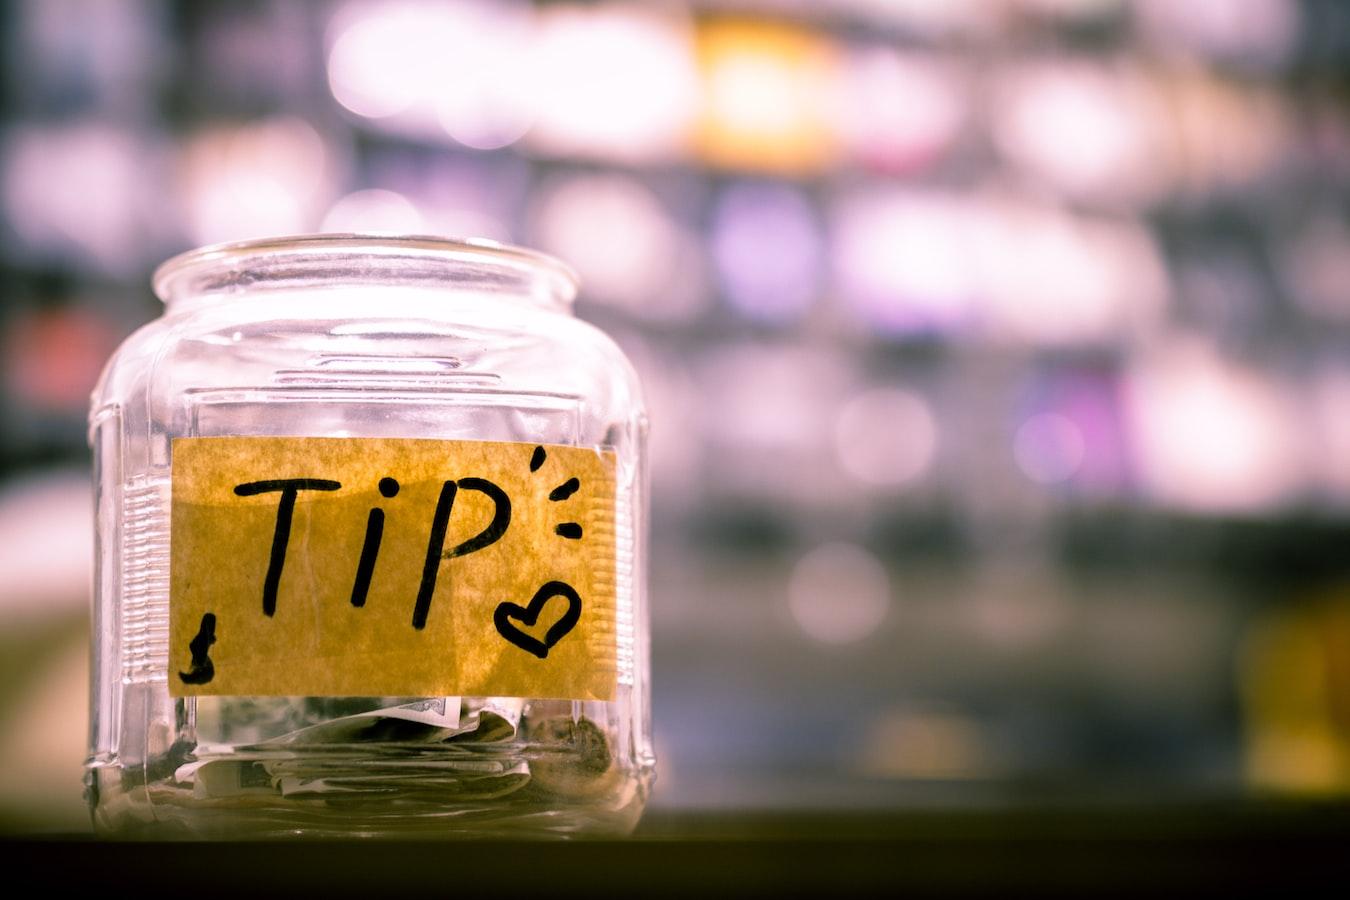 A photo of a tip jar